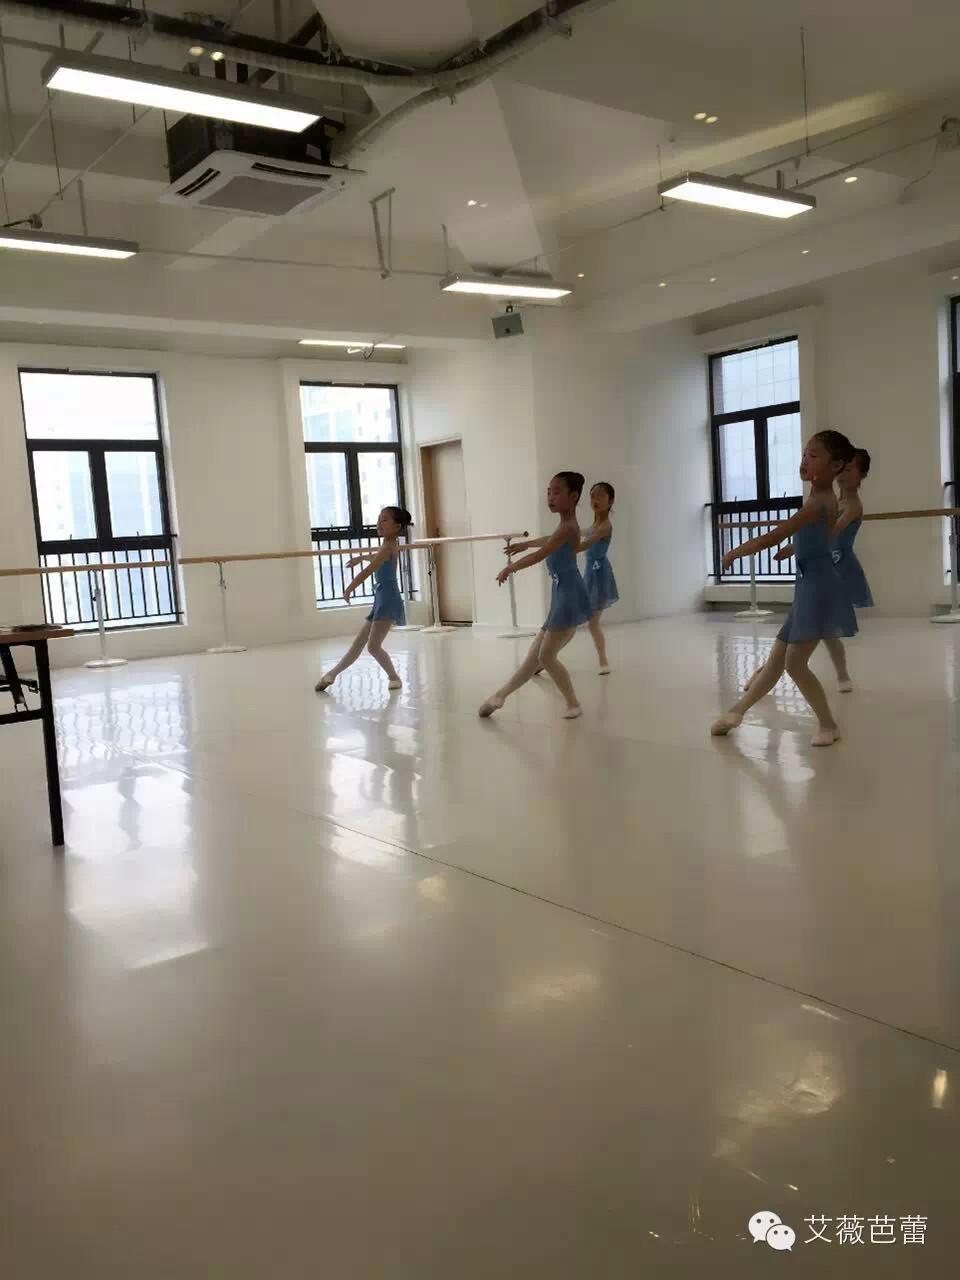 芭蕾舞考级一级教材_2015年儿童班芭蕾舞考级——北京舞蹈学院芭蕾分级考试 - 教学 ...